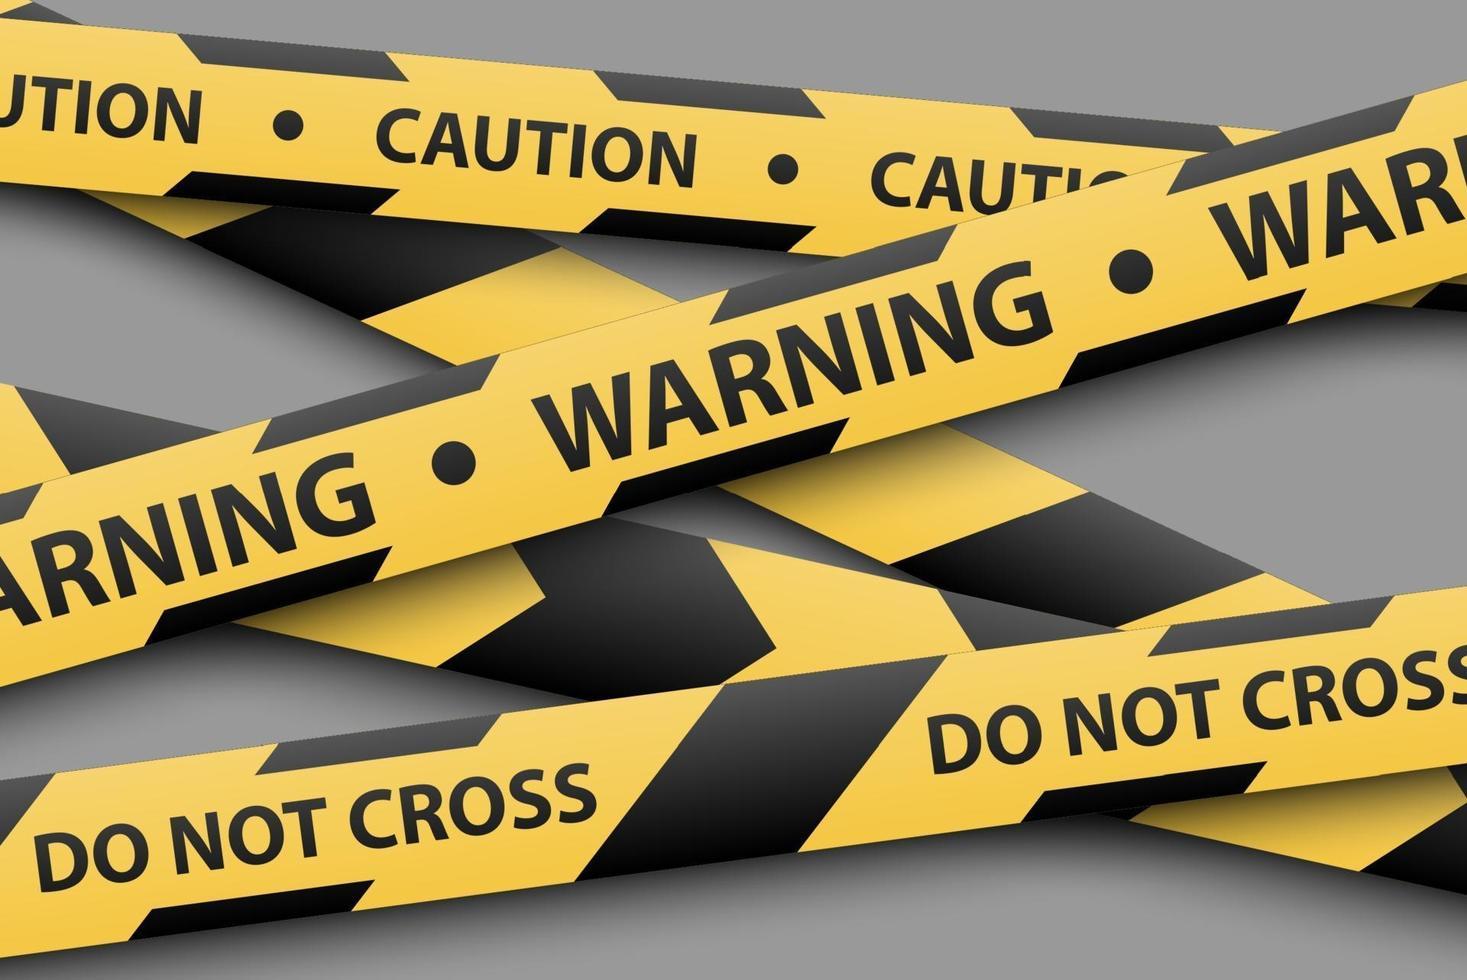 waarschuwingsbord, gele en zwarte streepbanden, vectorillustratie vector